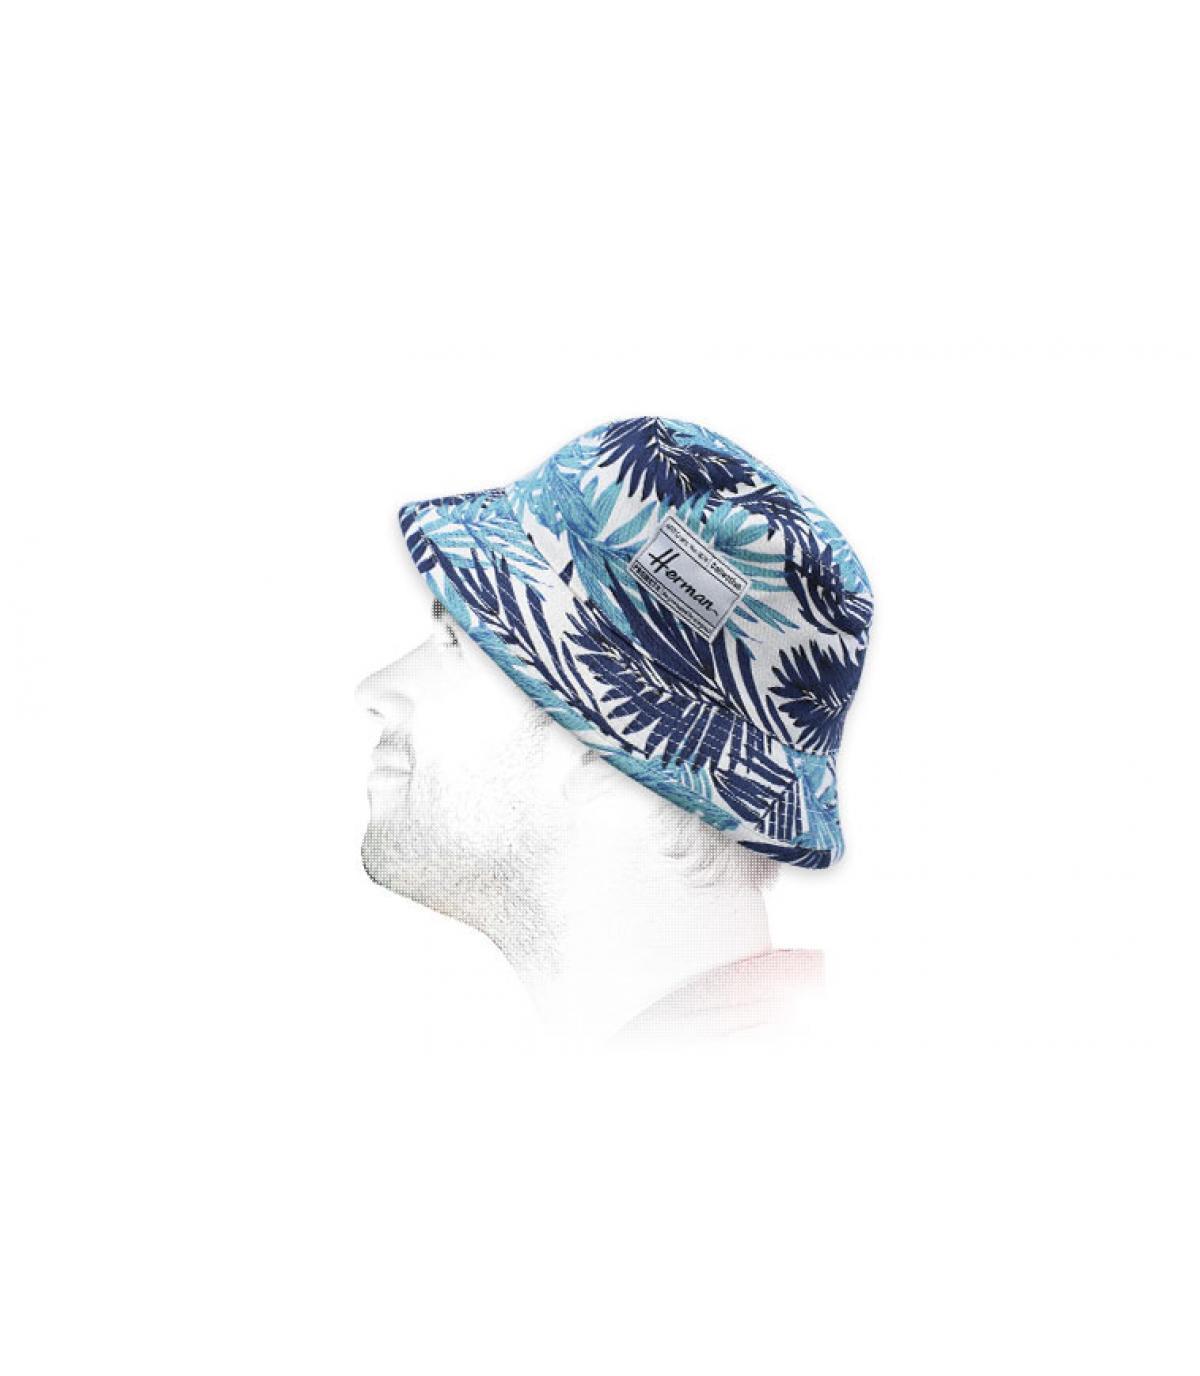 Fischerhut bedruckt Blätter blau